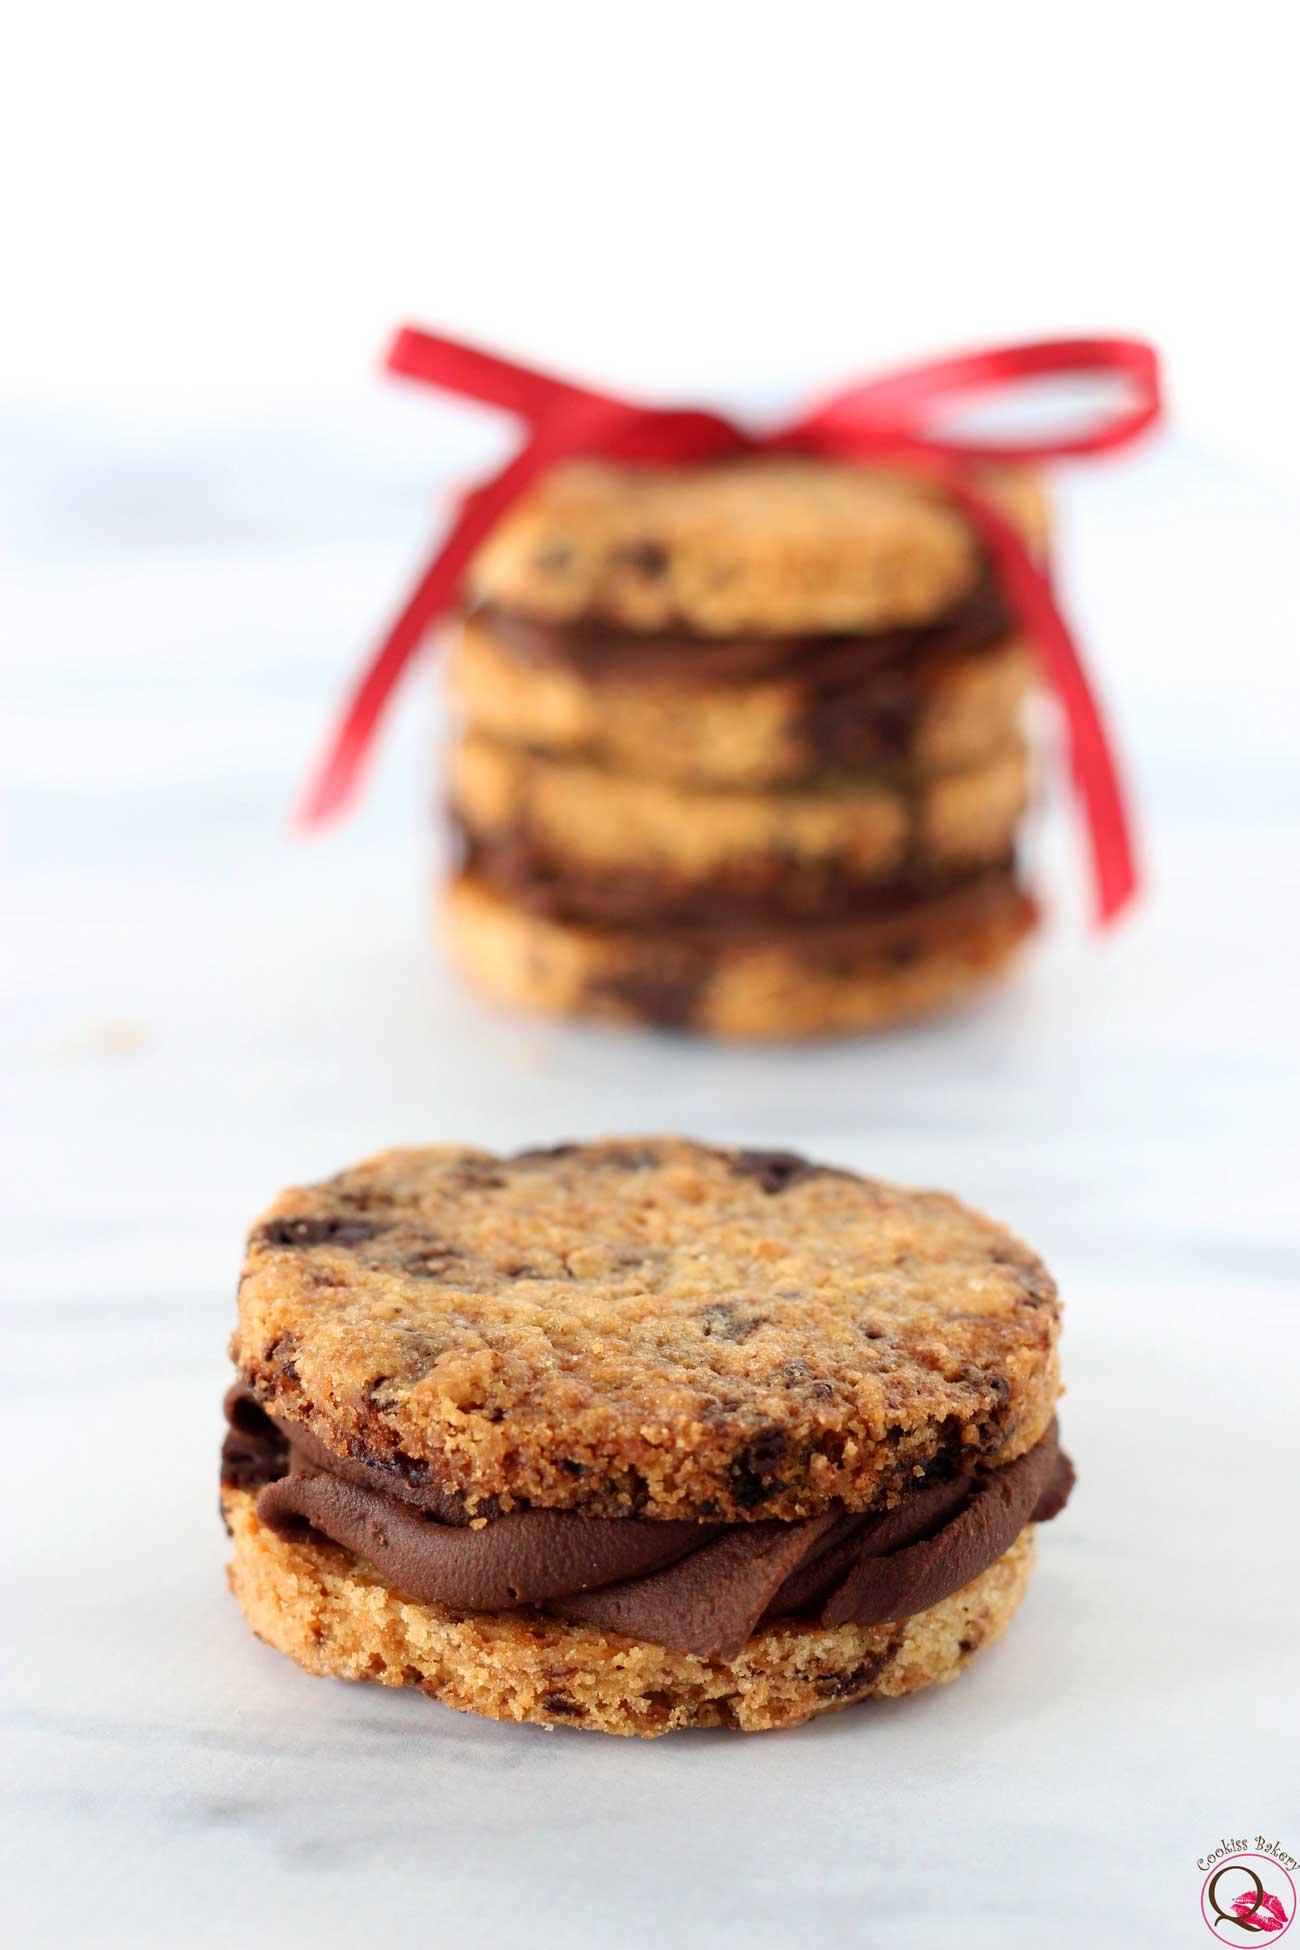 biscotto al burro con crema al cioccolato fondente singolo